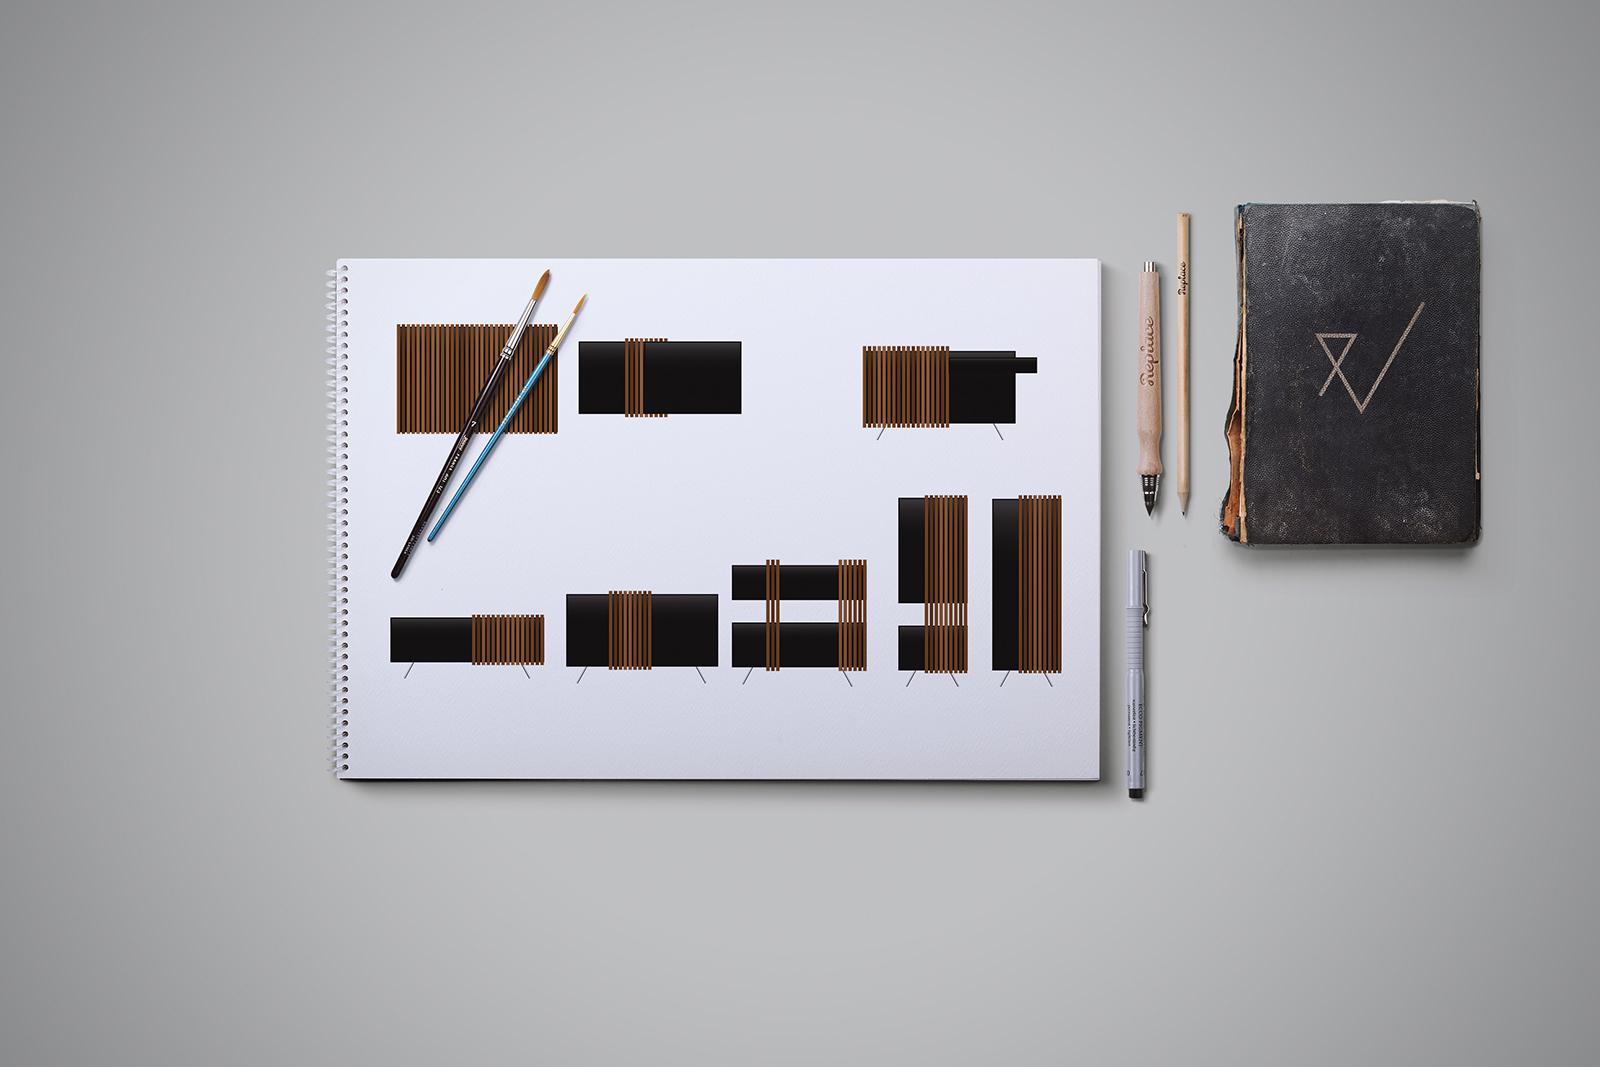 drab-furniture-set-sketch-pawlowska-design